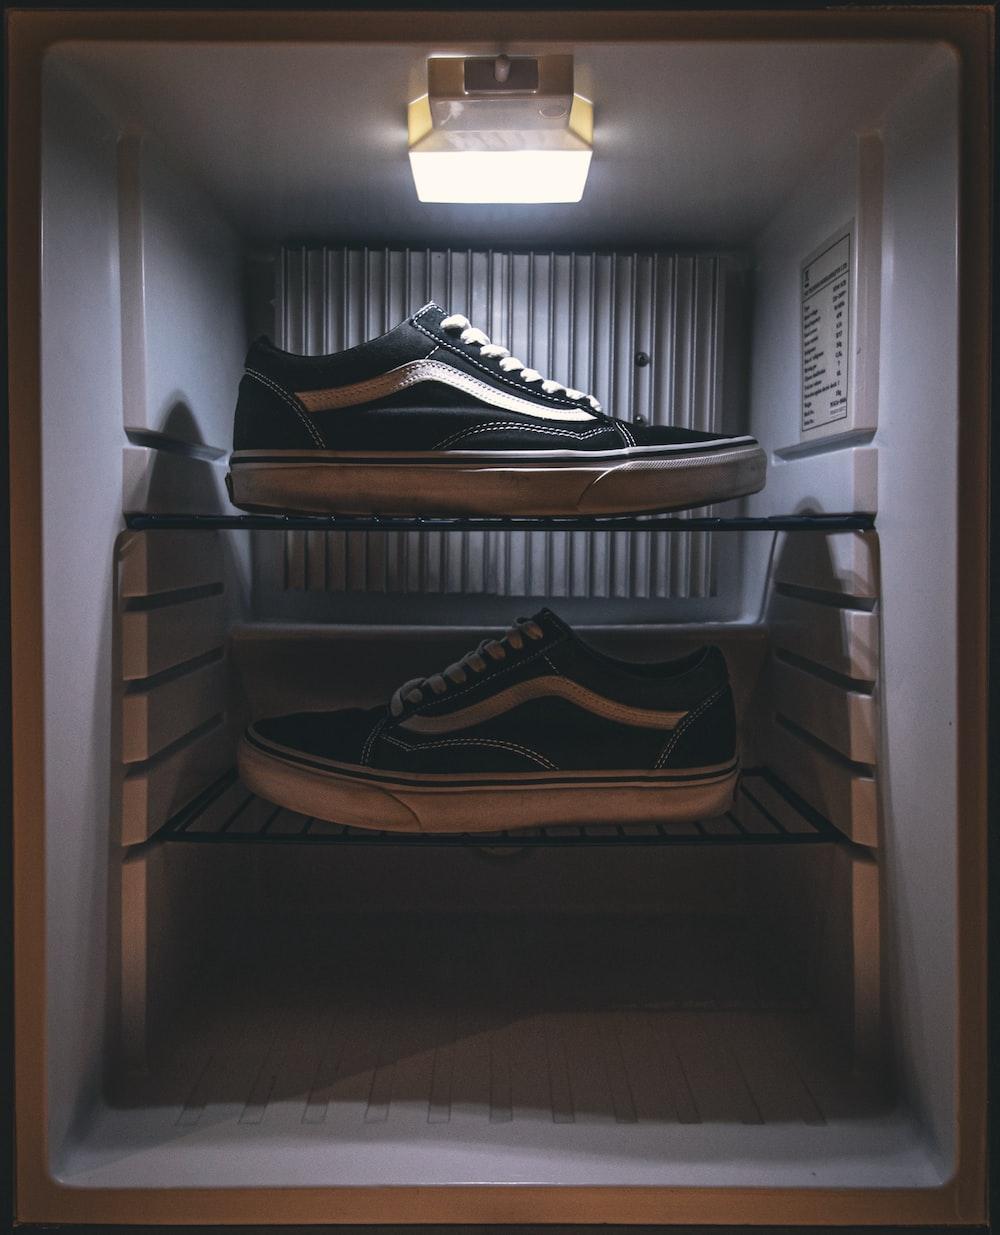 pair of black Vans low-top sneakers on rack